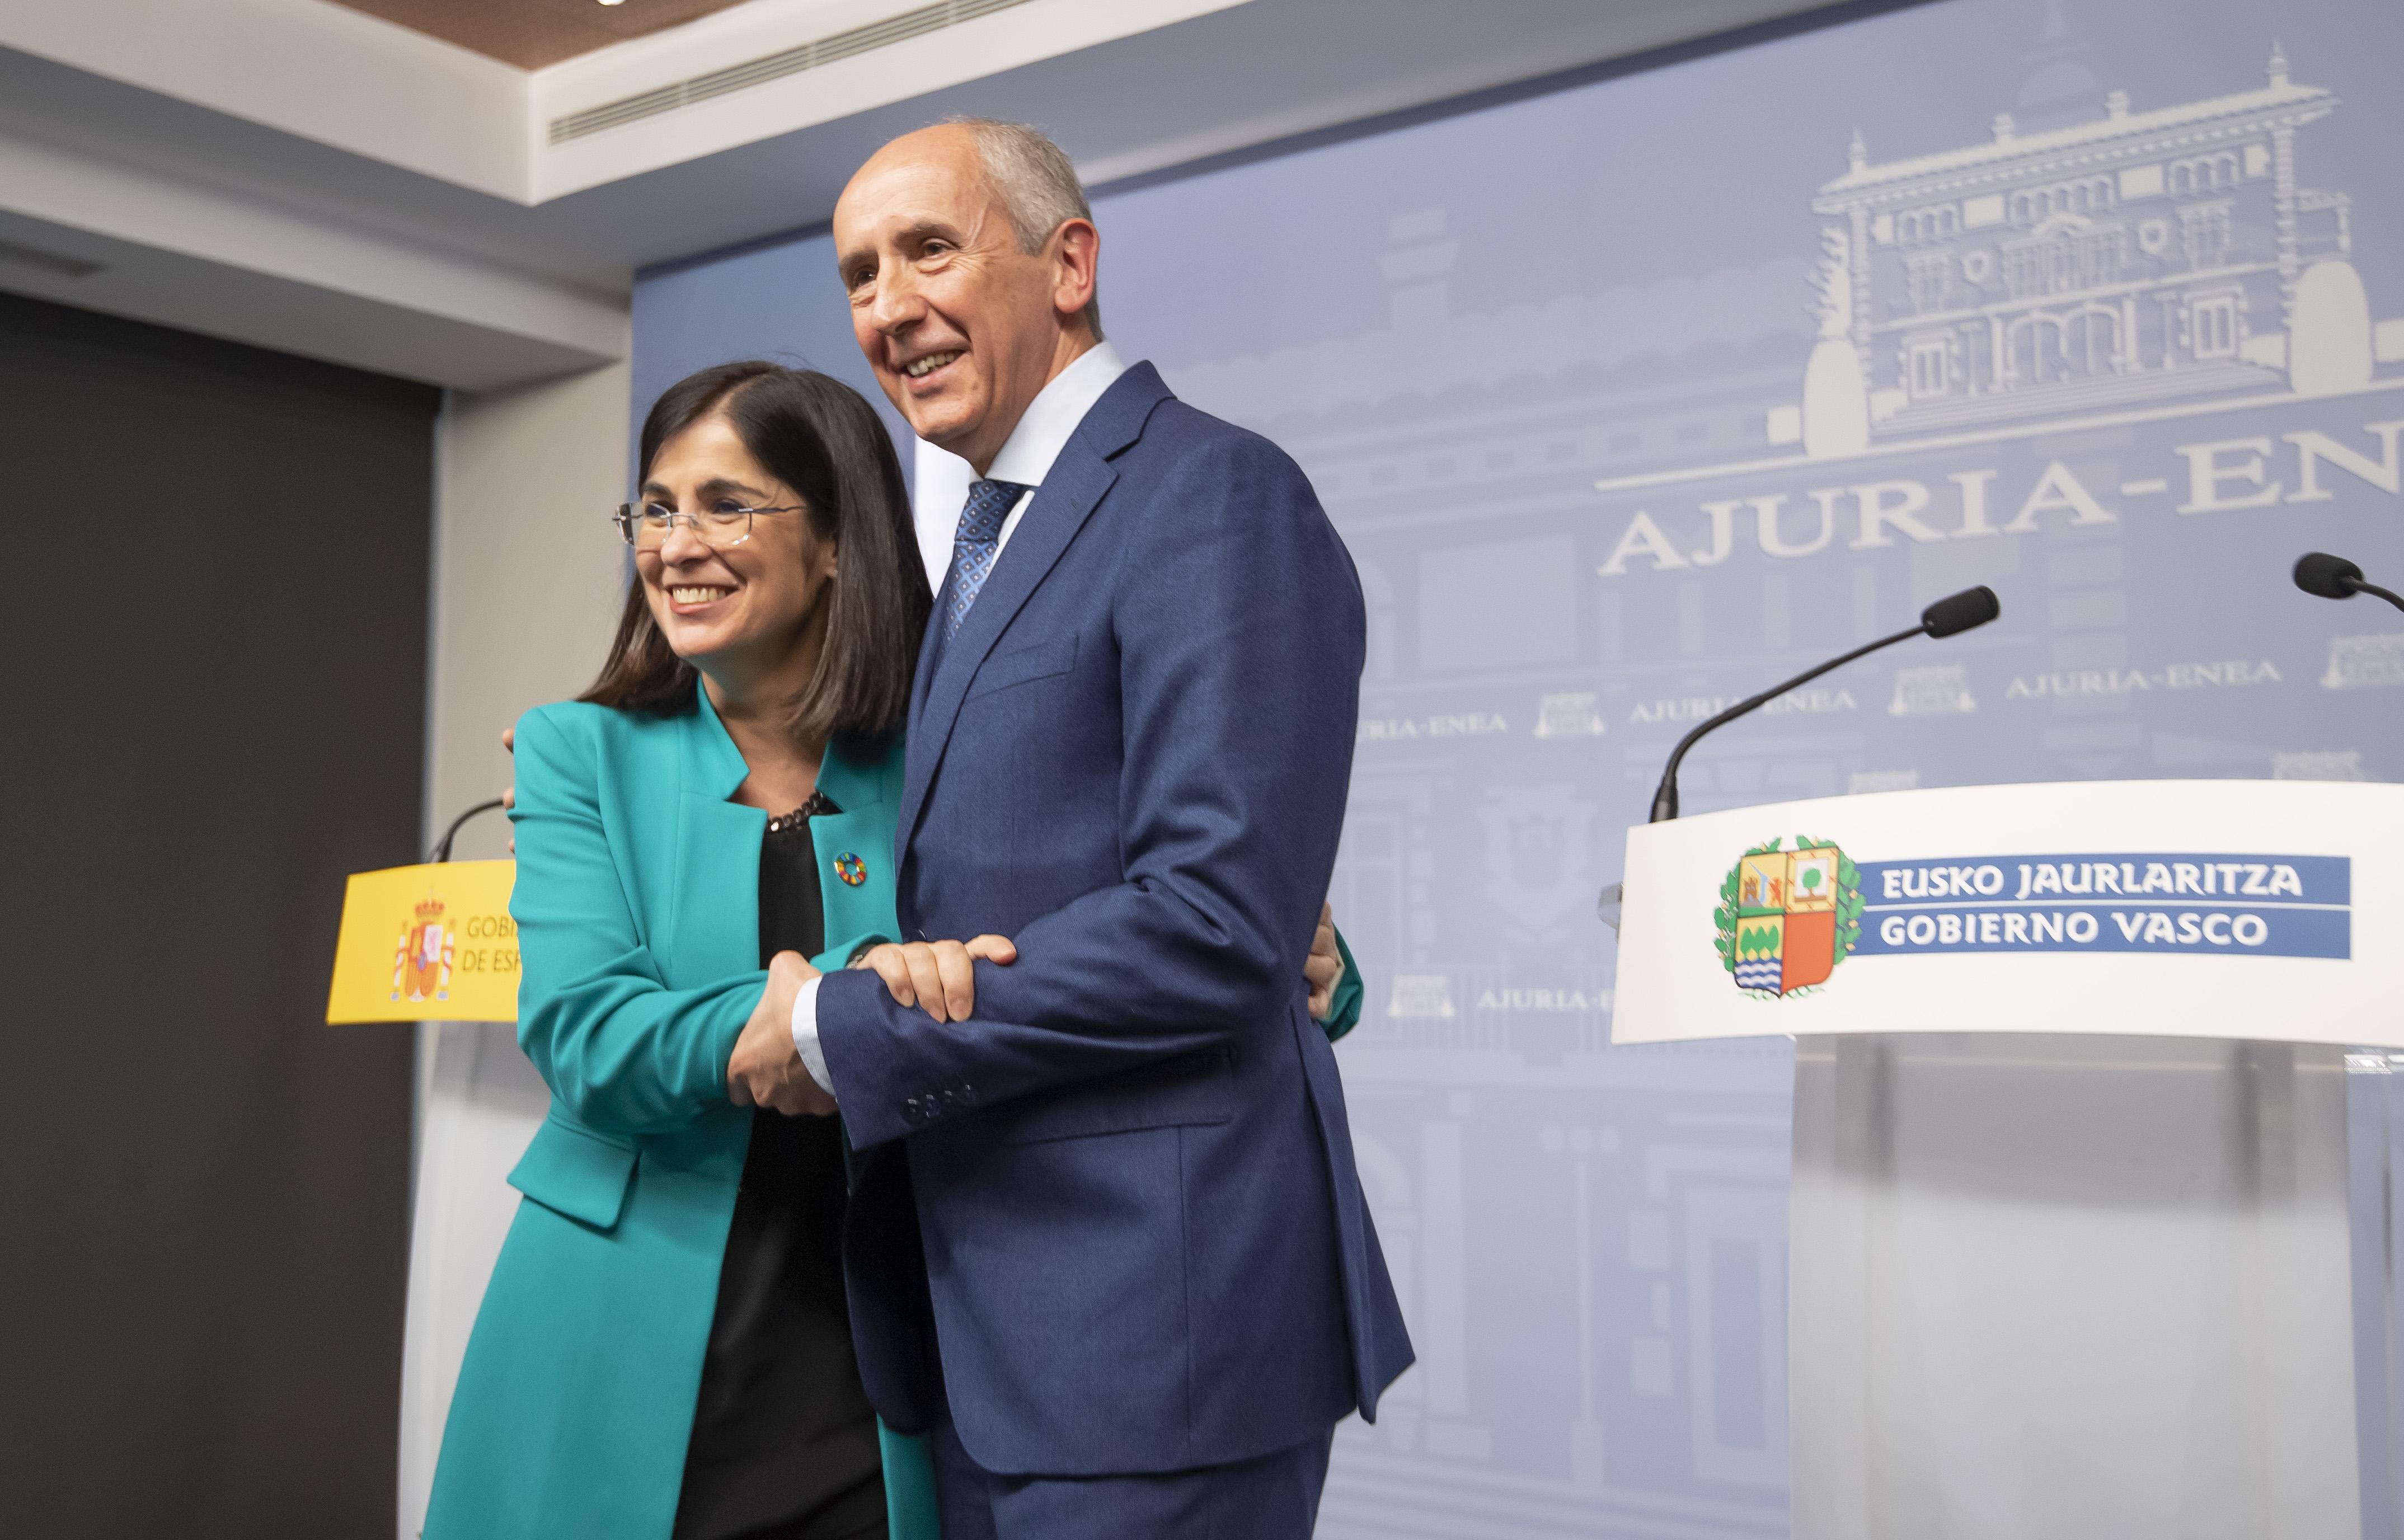 Euskadi cuenta, por primera vez, con un cronograma de transferencias que completa el Estatuto de Gernika [30:57]